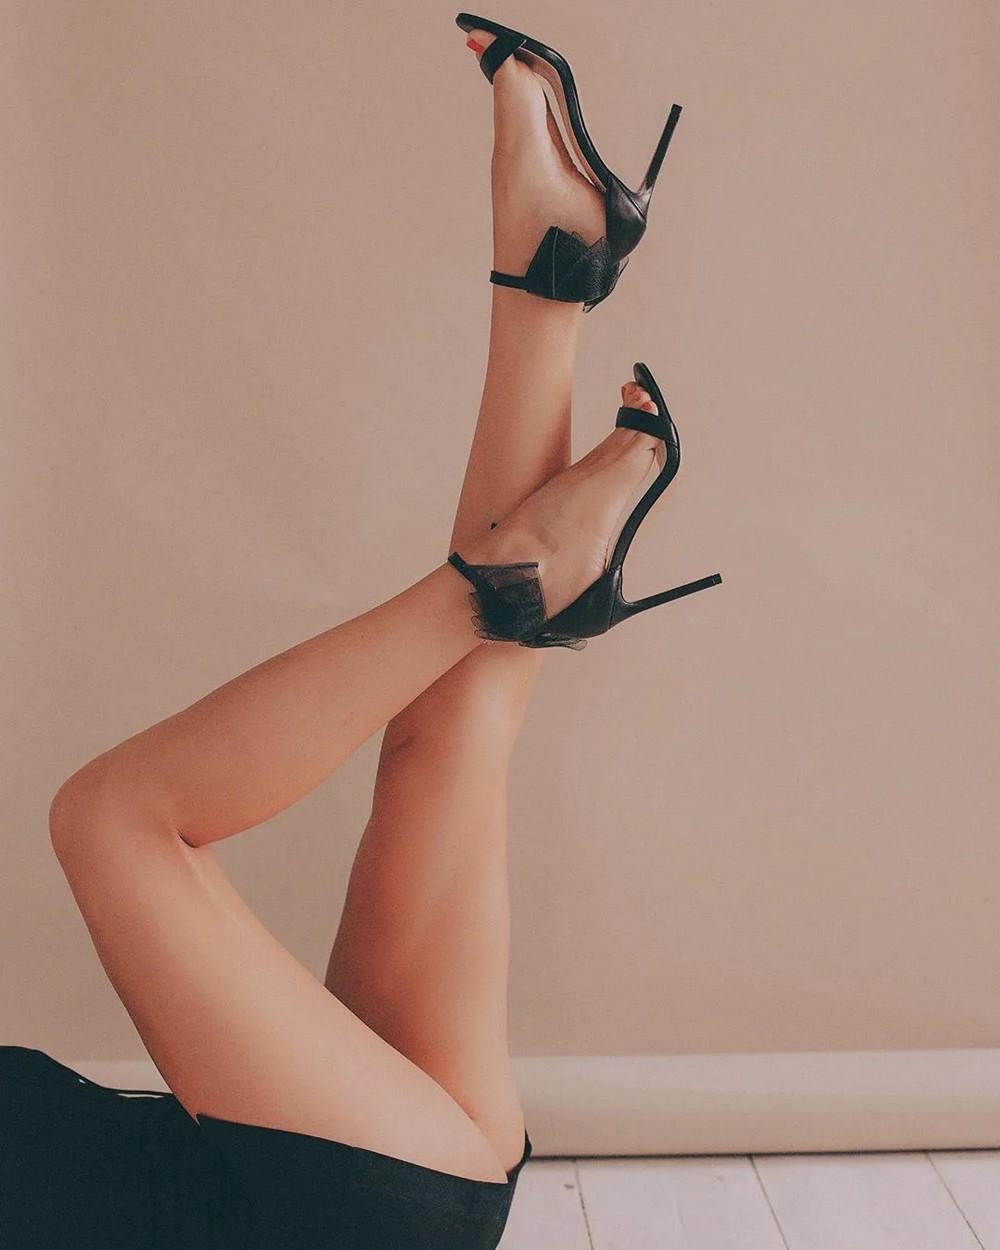 Красивые девушки на высоких каблуках